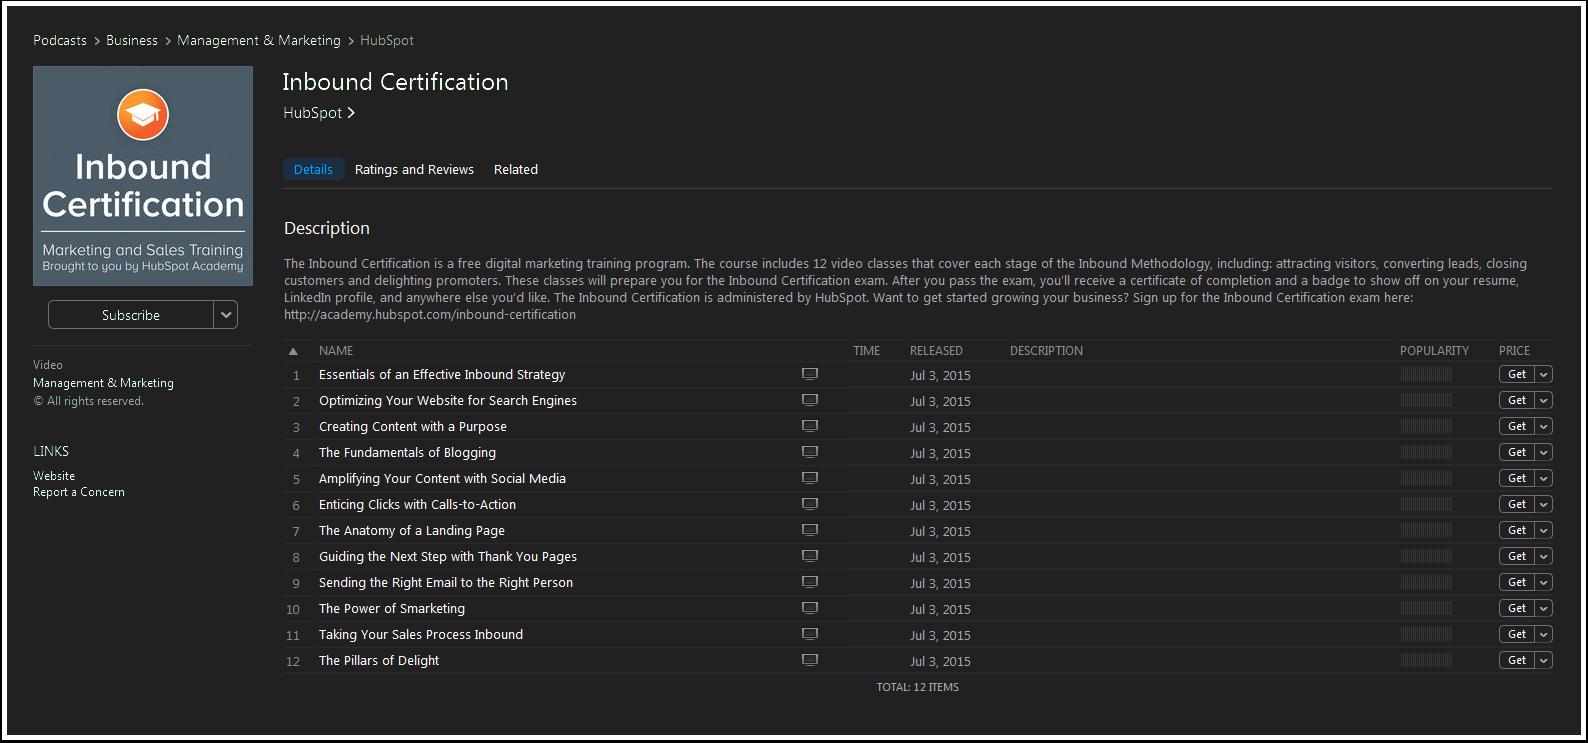 Inbound-Certification-iTunes